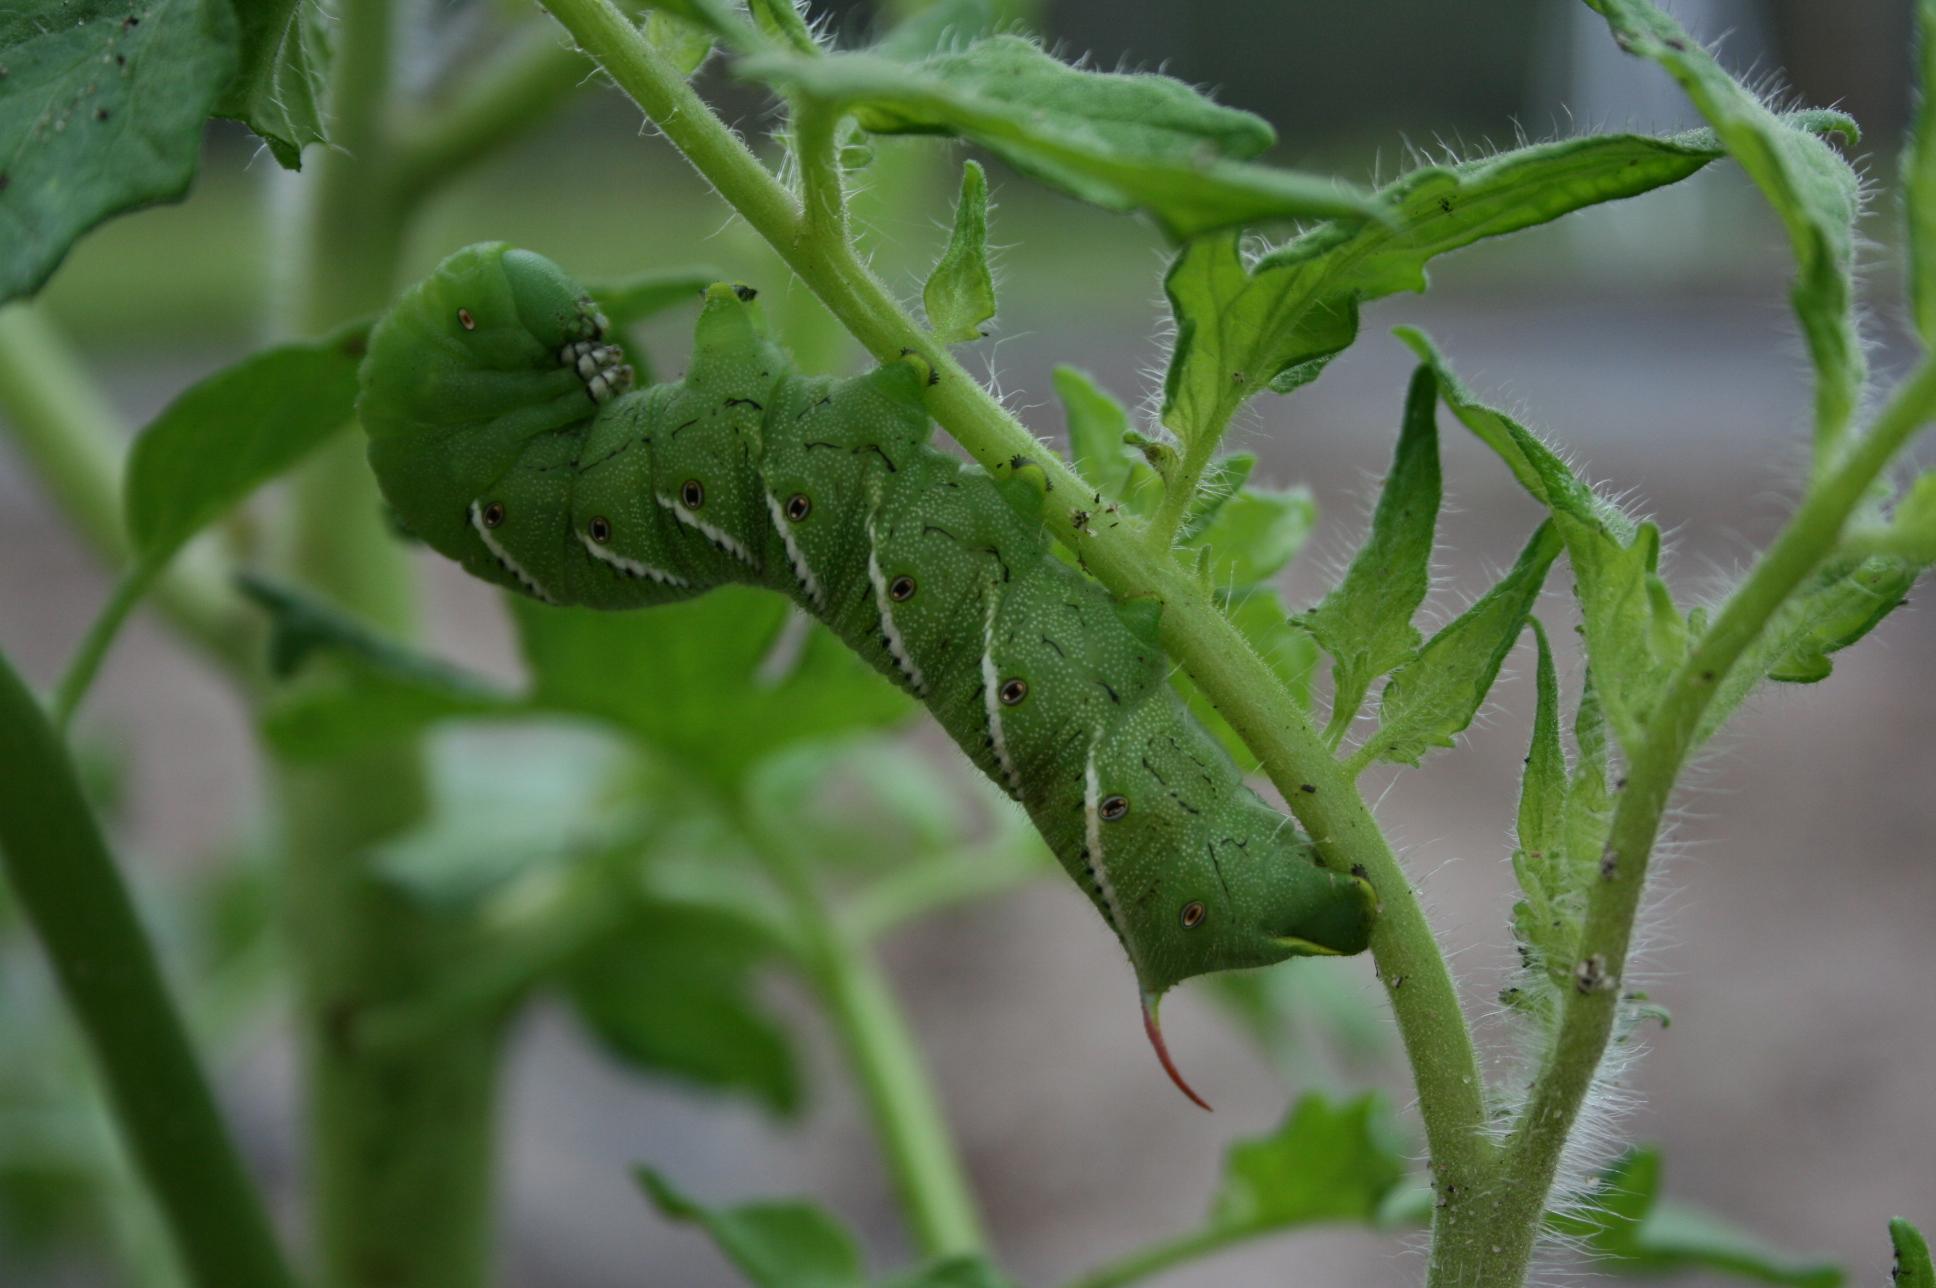 Tomato+Hornworm Tomato Hornworm Life Cycle